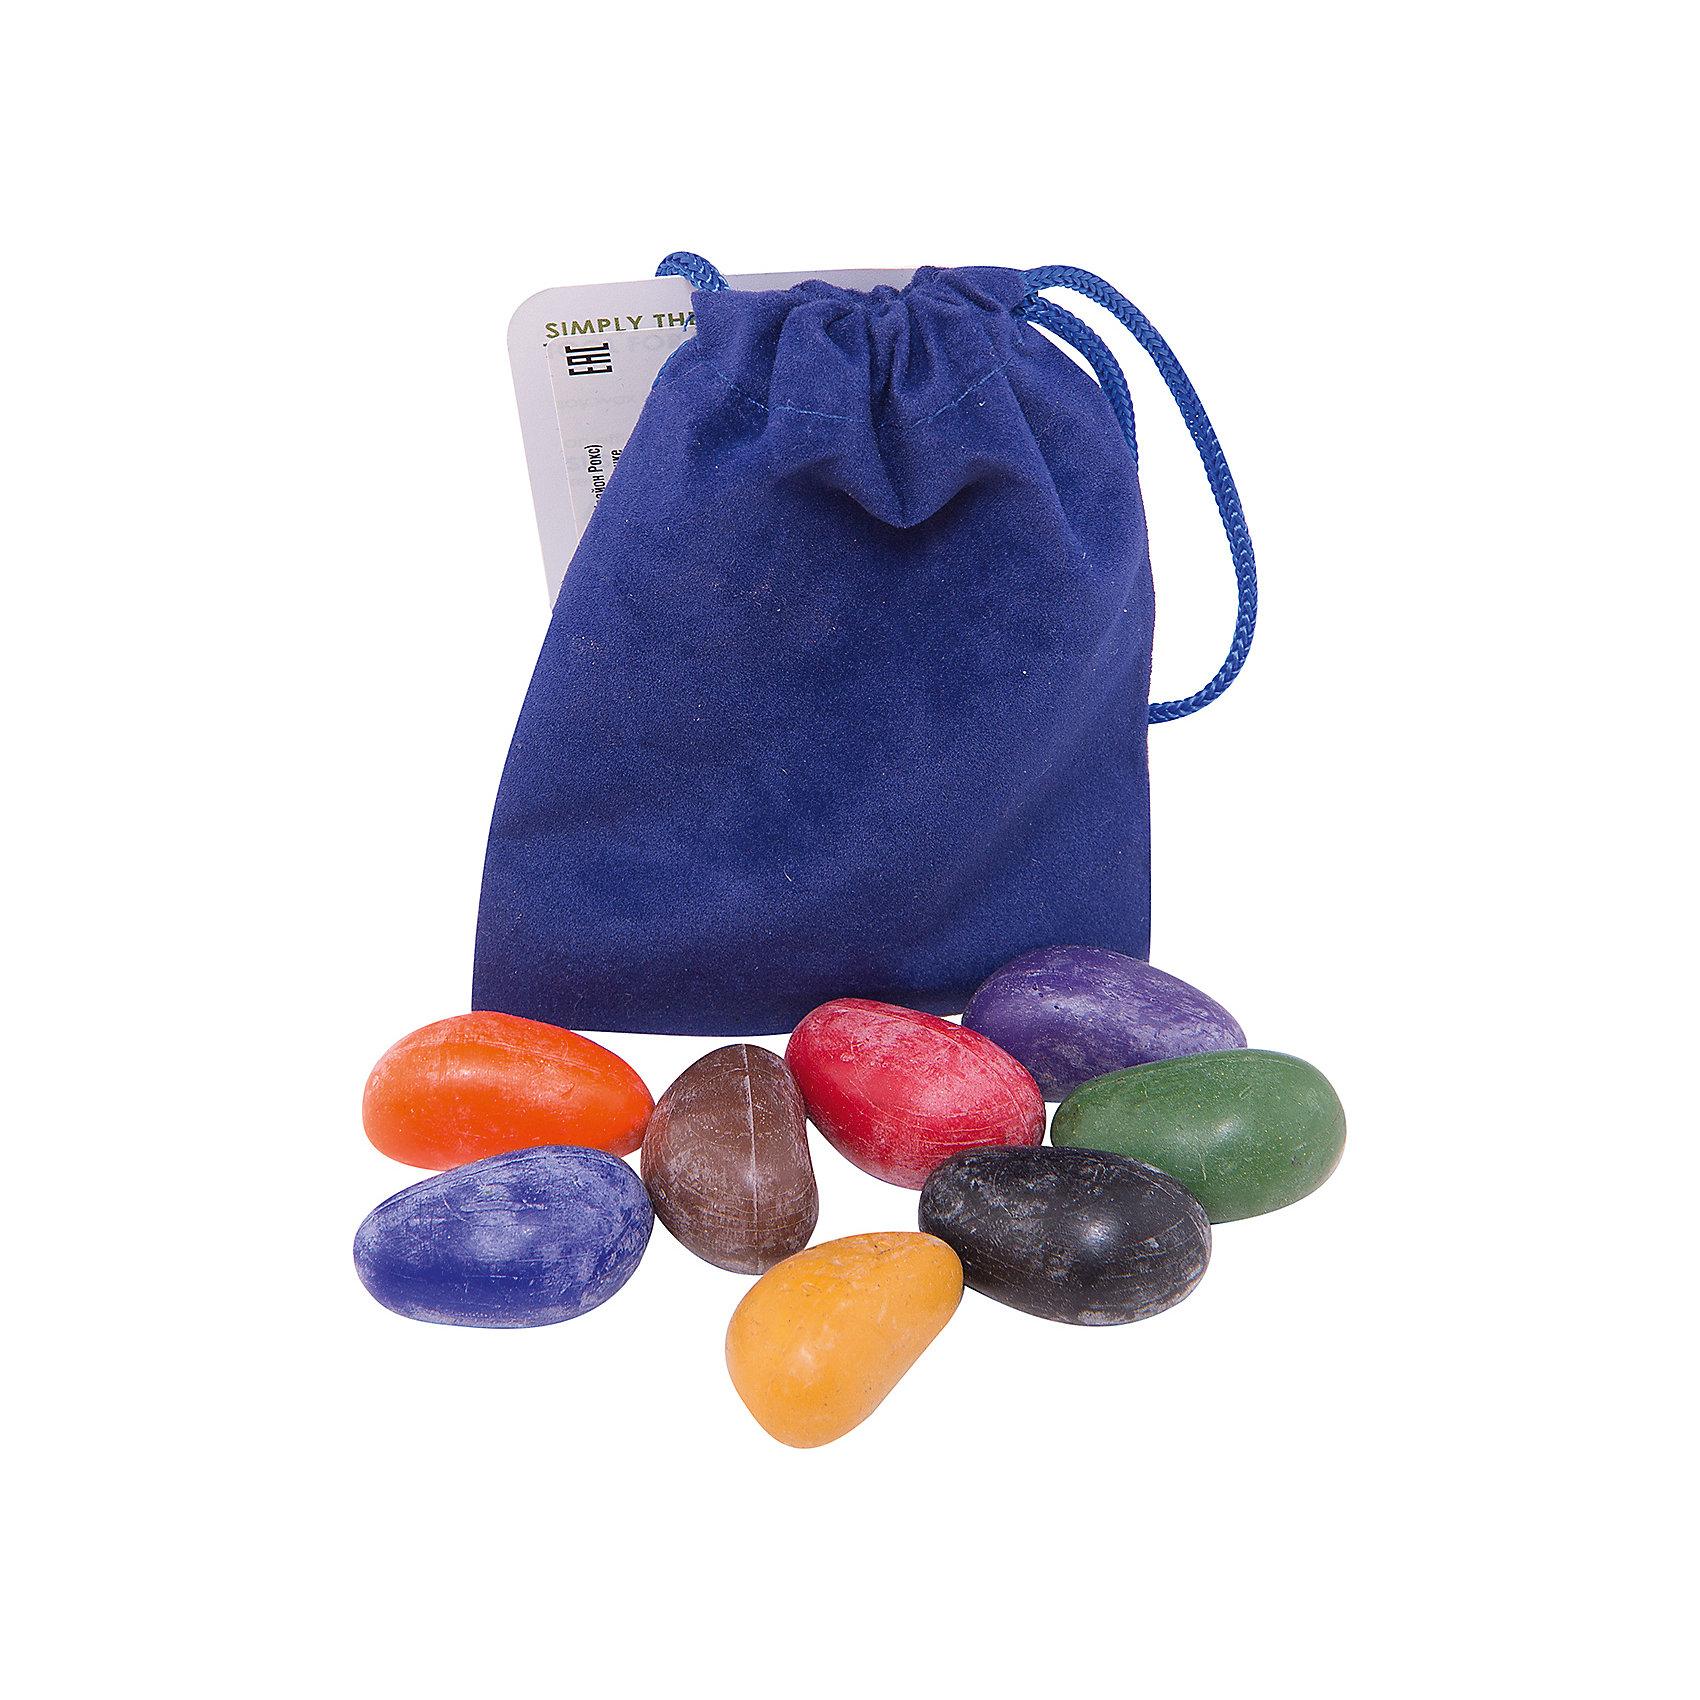 Мелки-камушки восковые, 8 шт, Crayon RocksМасляные и восковые мелки<br>Мелки-камушки восковые, 8 шт, Crayon Rocks<br><br>Характеристика:<br><br>-Возраст: от 3 лет<br>-Вес: 50 г <br>-Размер: 10х2х13 <br>-8 штук <br>-марка: Crayon Rocks (Крайон Рокс)<br><br>Форма мелков-камушек идеально подходит и для самых маленьких художников, линии получаются живые и живописные, а что бы закрасить большой участок бумаги нужно гораздо меньше времени и усилий. Мелки камушки абсолютно натуральны и безопасны. Они сделаны из соевого воска, который производится из соевых бобов, выращенных в США. Окрашены камушки исключительно натуральными пигментами. Все цвета летние, солнечные, при наложении на бумагу очень напоминают пастель. Они не крошатся, не пачкают одежду и не откалываются при падении. При рисовании штрихи мягкие, усилий прикладывать не нужно. Так же они отлично ложатся не только на бумагу, но и  на любую другую поверхность (например дерево или кирпич). Мелки расфасованы в льняные или бархатные мешочки, что делает их удобными для хранения и путешествий. <br><br>Мелки-камушки восковые, 8 шт, Crayon Rocks можно приобрести в нашем интернет-магазине.<br><br>Ширина мм: 100<br>Глубина мм: 20<br>Высота мм: 130<br>Вес г: 50<br>Возраст от месяцев: 36<br>Возраст до месяцев: 168<br>Пол: Унисекс<br>Возраст: Детский<br>SKU: 5116906